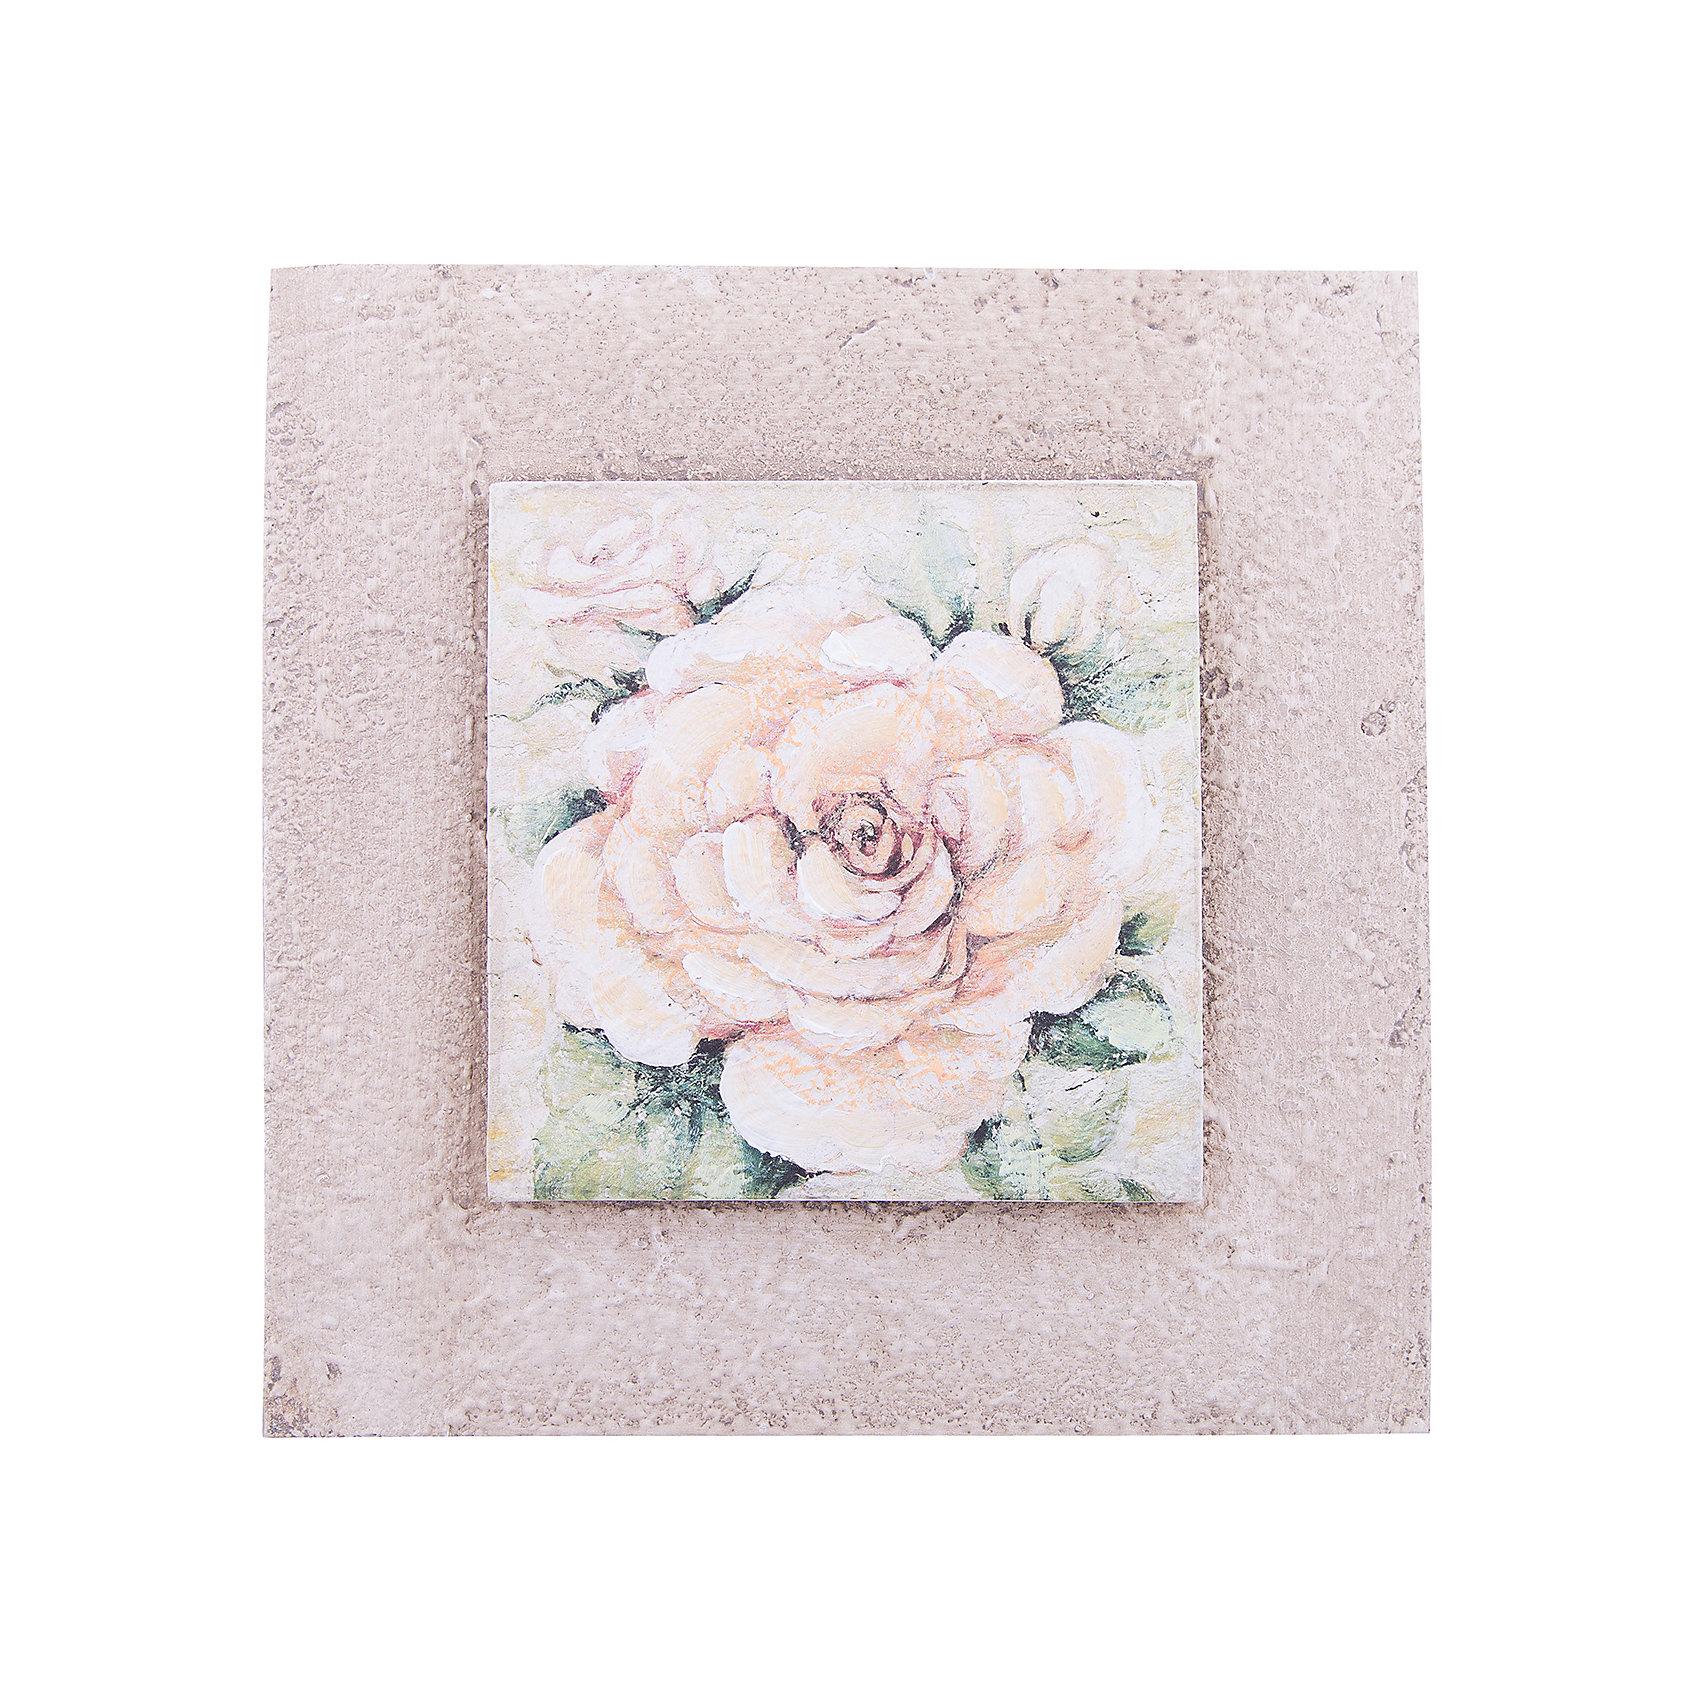 Картина - репродукция Белая роза, Феникс-ПрезентДетские предметы интерьера<br>Картина - репродукция Белая роза, Феникс-Презент <br><br>Характеристики:<br><br>• печать на бумаге<br>• дополнена ручной подрисовкой<br>• основа из МДФ<br>• рамка из МДФ<br>• размер: 25х25х3,5 см<br><br>Картина-репродукция Белая роза хорошо впишется в интерьер любой комнаты и станет ее украшением. На картине изображена роза, которая отлично сочетается с оригинальной рамкой. Основание и рамка изготовлены из МДФ. Картина выполнена печатью на бумаге с ручной подрисовкой.<br><br>Картину - репродукцию Белая роза, Феникс-Презент вы можете купить в нашем интернет-магазине.<br><br>Ширина мм: 250<br>Глубина мм: 250<br>Высота мм: 350<br>Вес г: 598<br>Возраст от месяцев: -2147483648<br>Возраст до месяцев: 2147483647<br>Пол: Унисекс<br>Возраст: Детский<br>SKU: 5449573